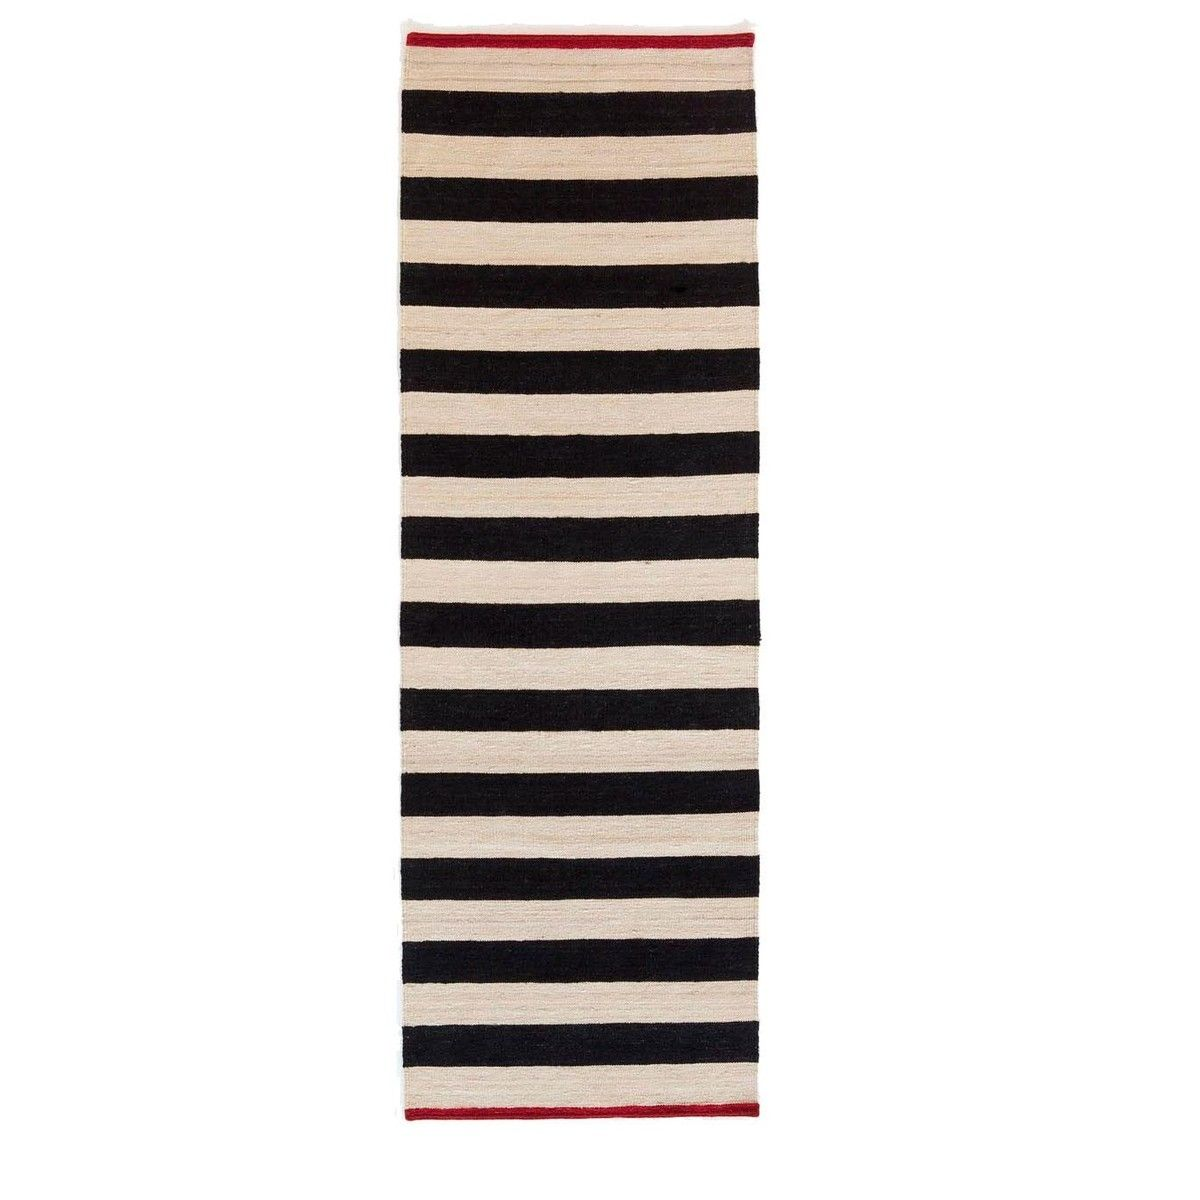 Nanimarquina   Mélange Stripes 2 Kilim Wollteppich / Läufer   Schwarz Weiß   Rot/80x240cm